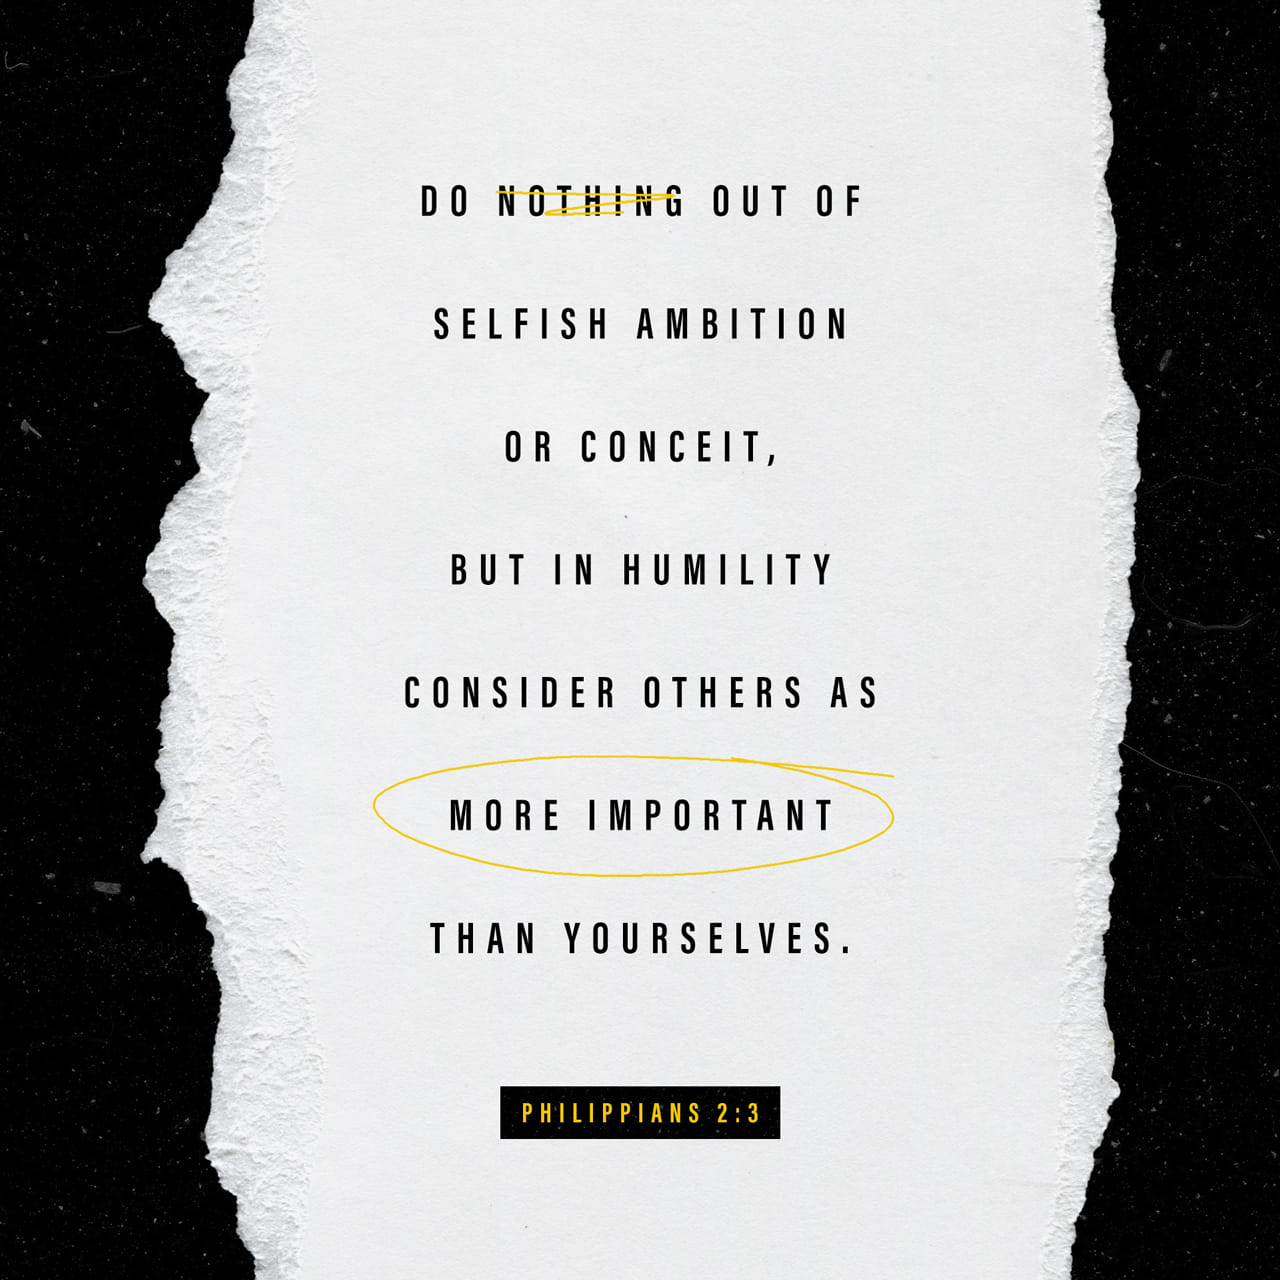 Filipenses 2:3-4 No hagan nada por egoísmo o vanidad. Más bien, hagan todo con humildad, considerando a los demás como mejores que ustedes mismos. Cada uno debe buscar no sólo su propio bien, sino también el bien de l | Nueva Biblia Viva (NLB)